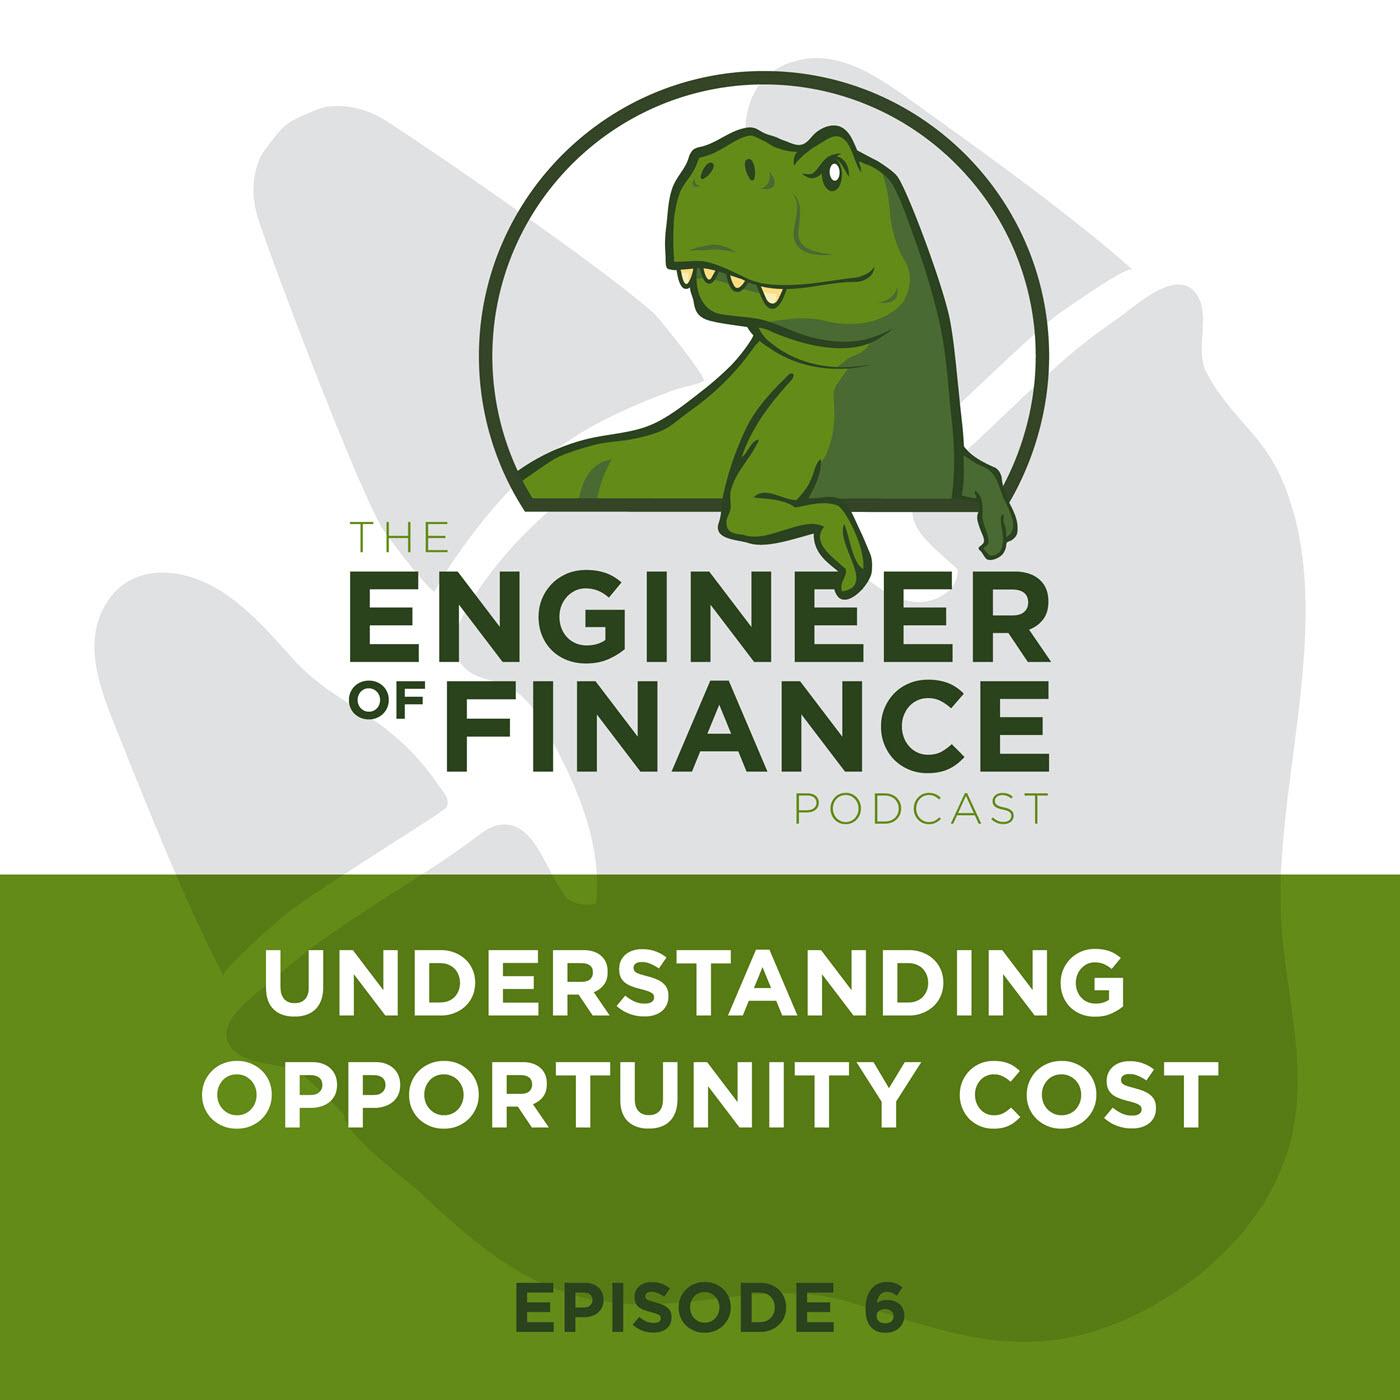 Understanding Opportunity Cost – Episode 6